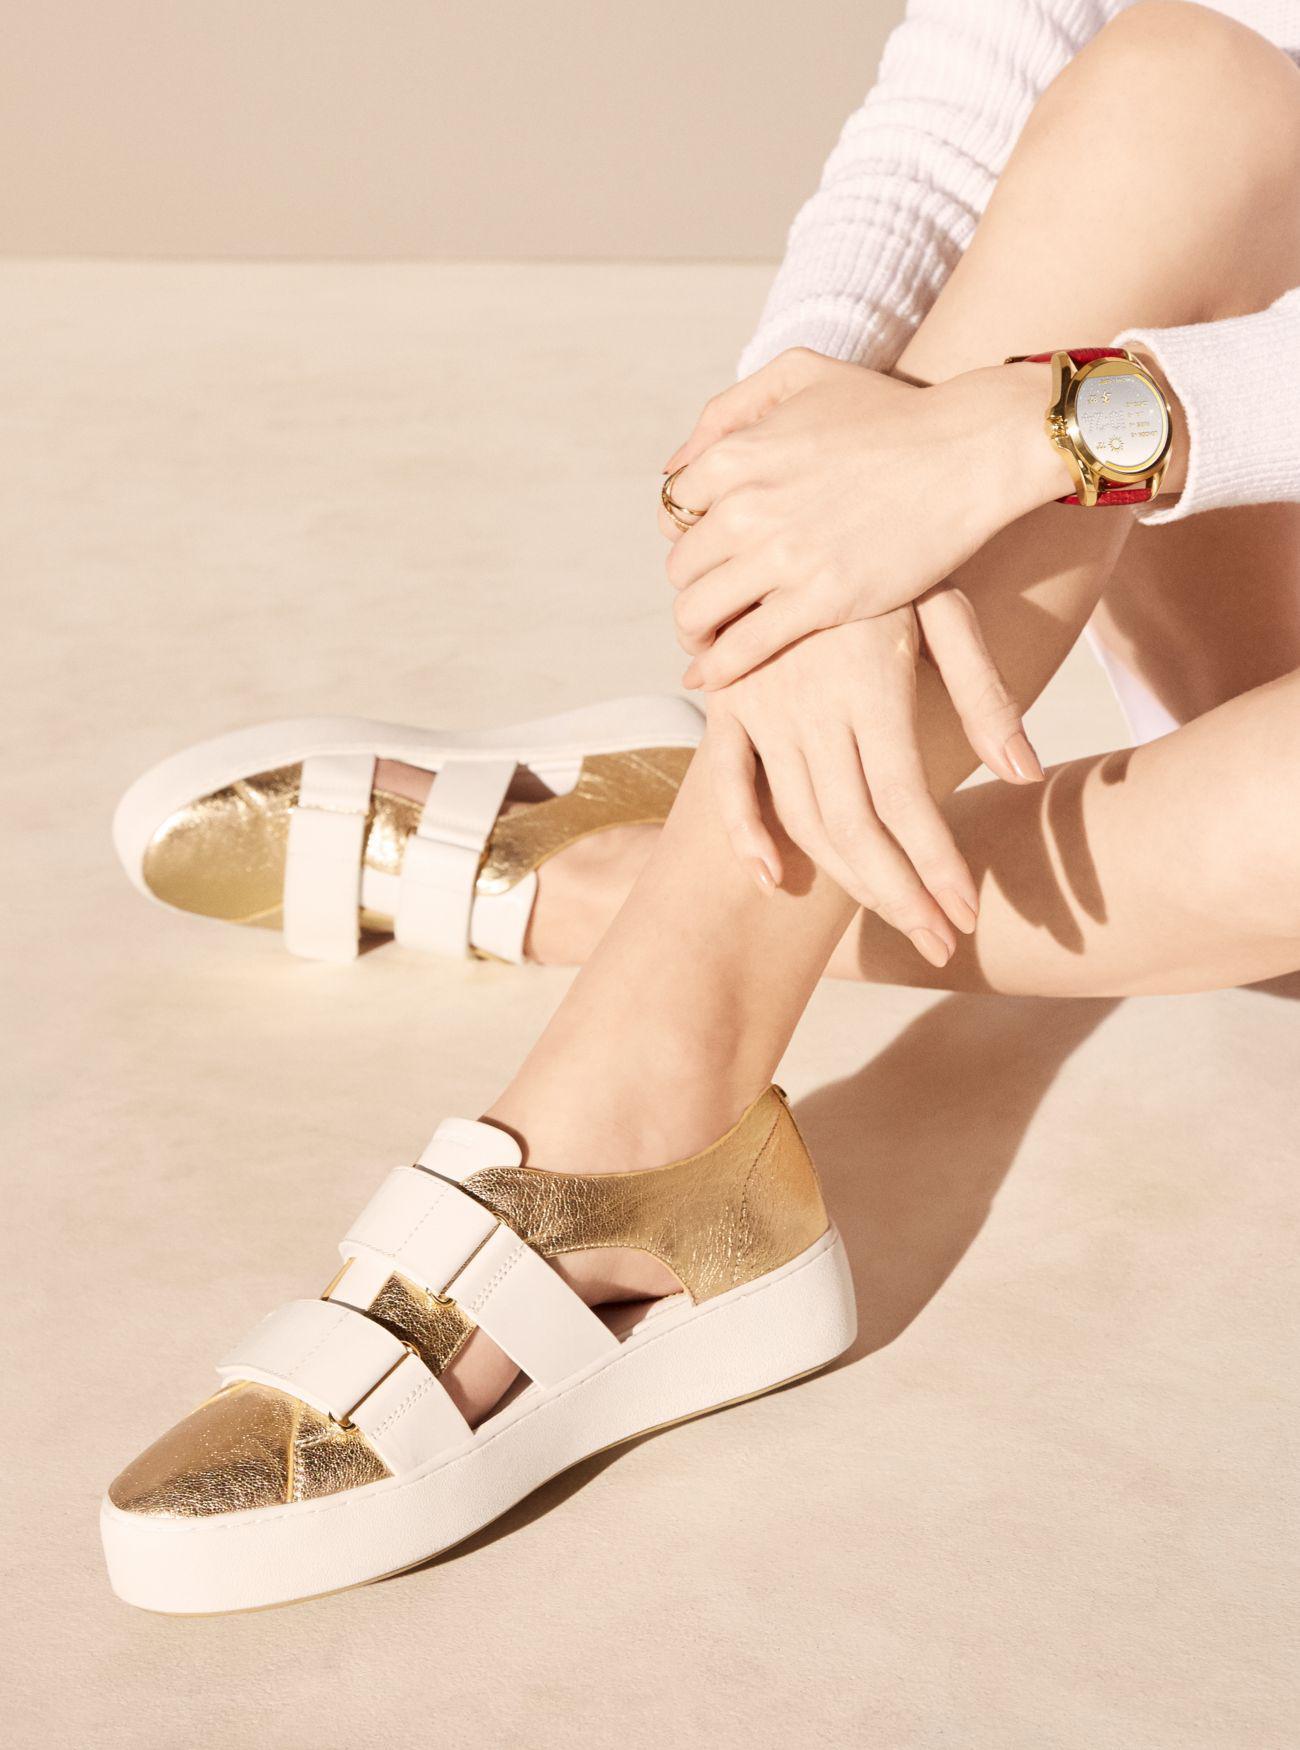 Lyst - Michael Kors Beckett Leather Sneaker in White 4f68efb41